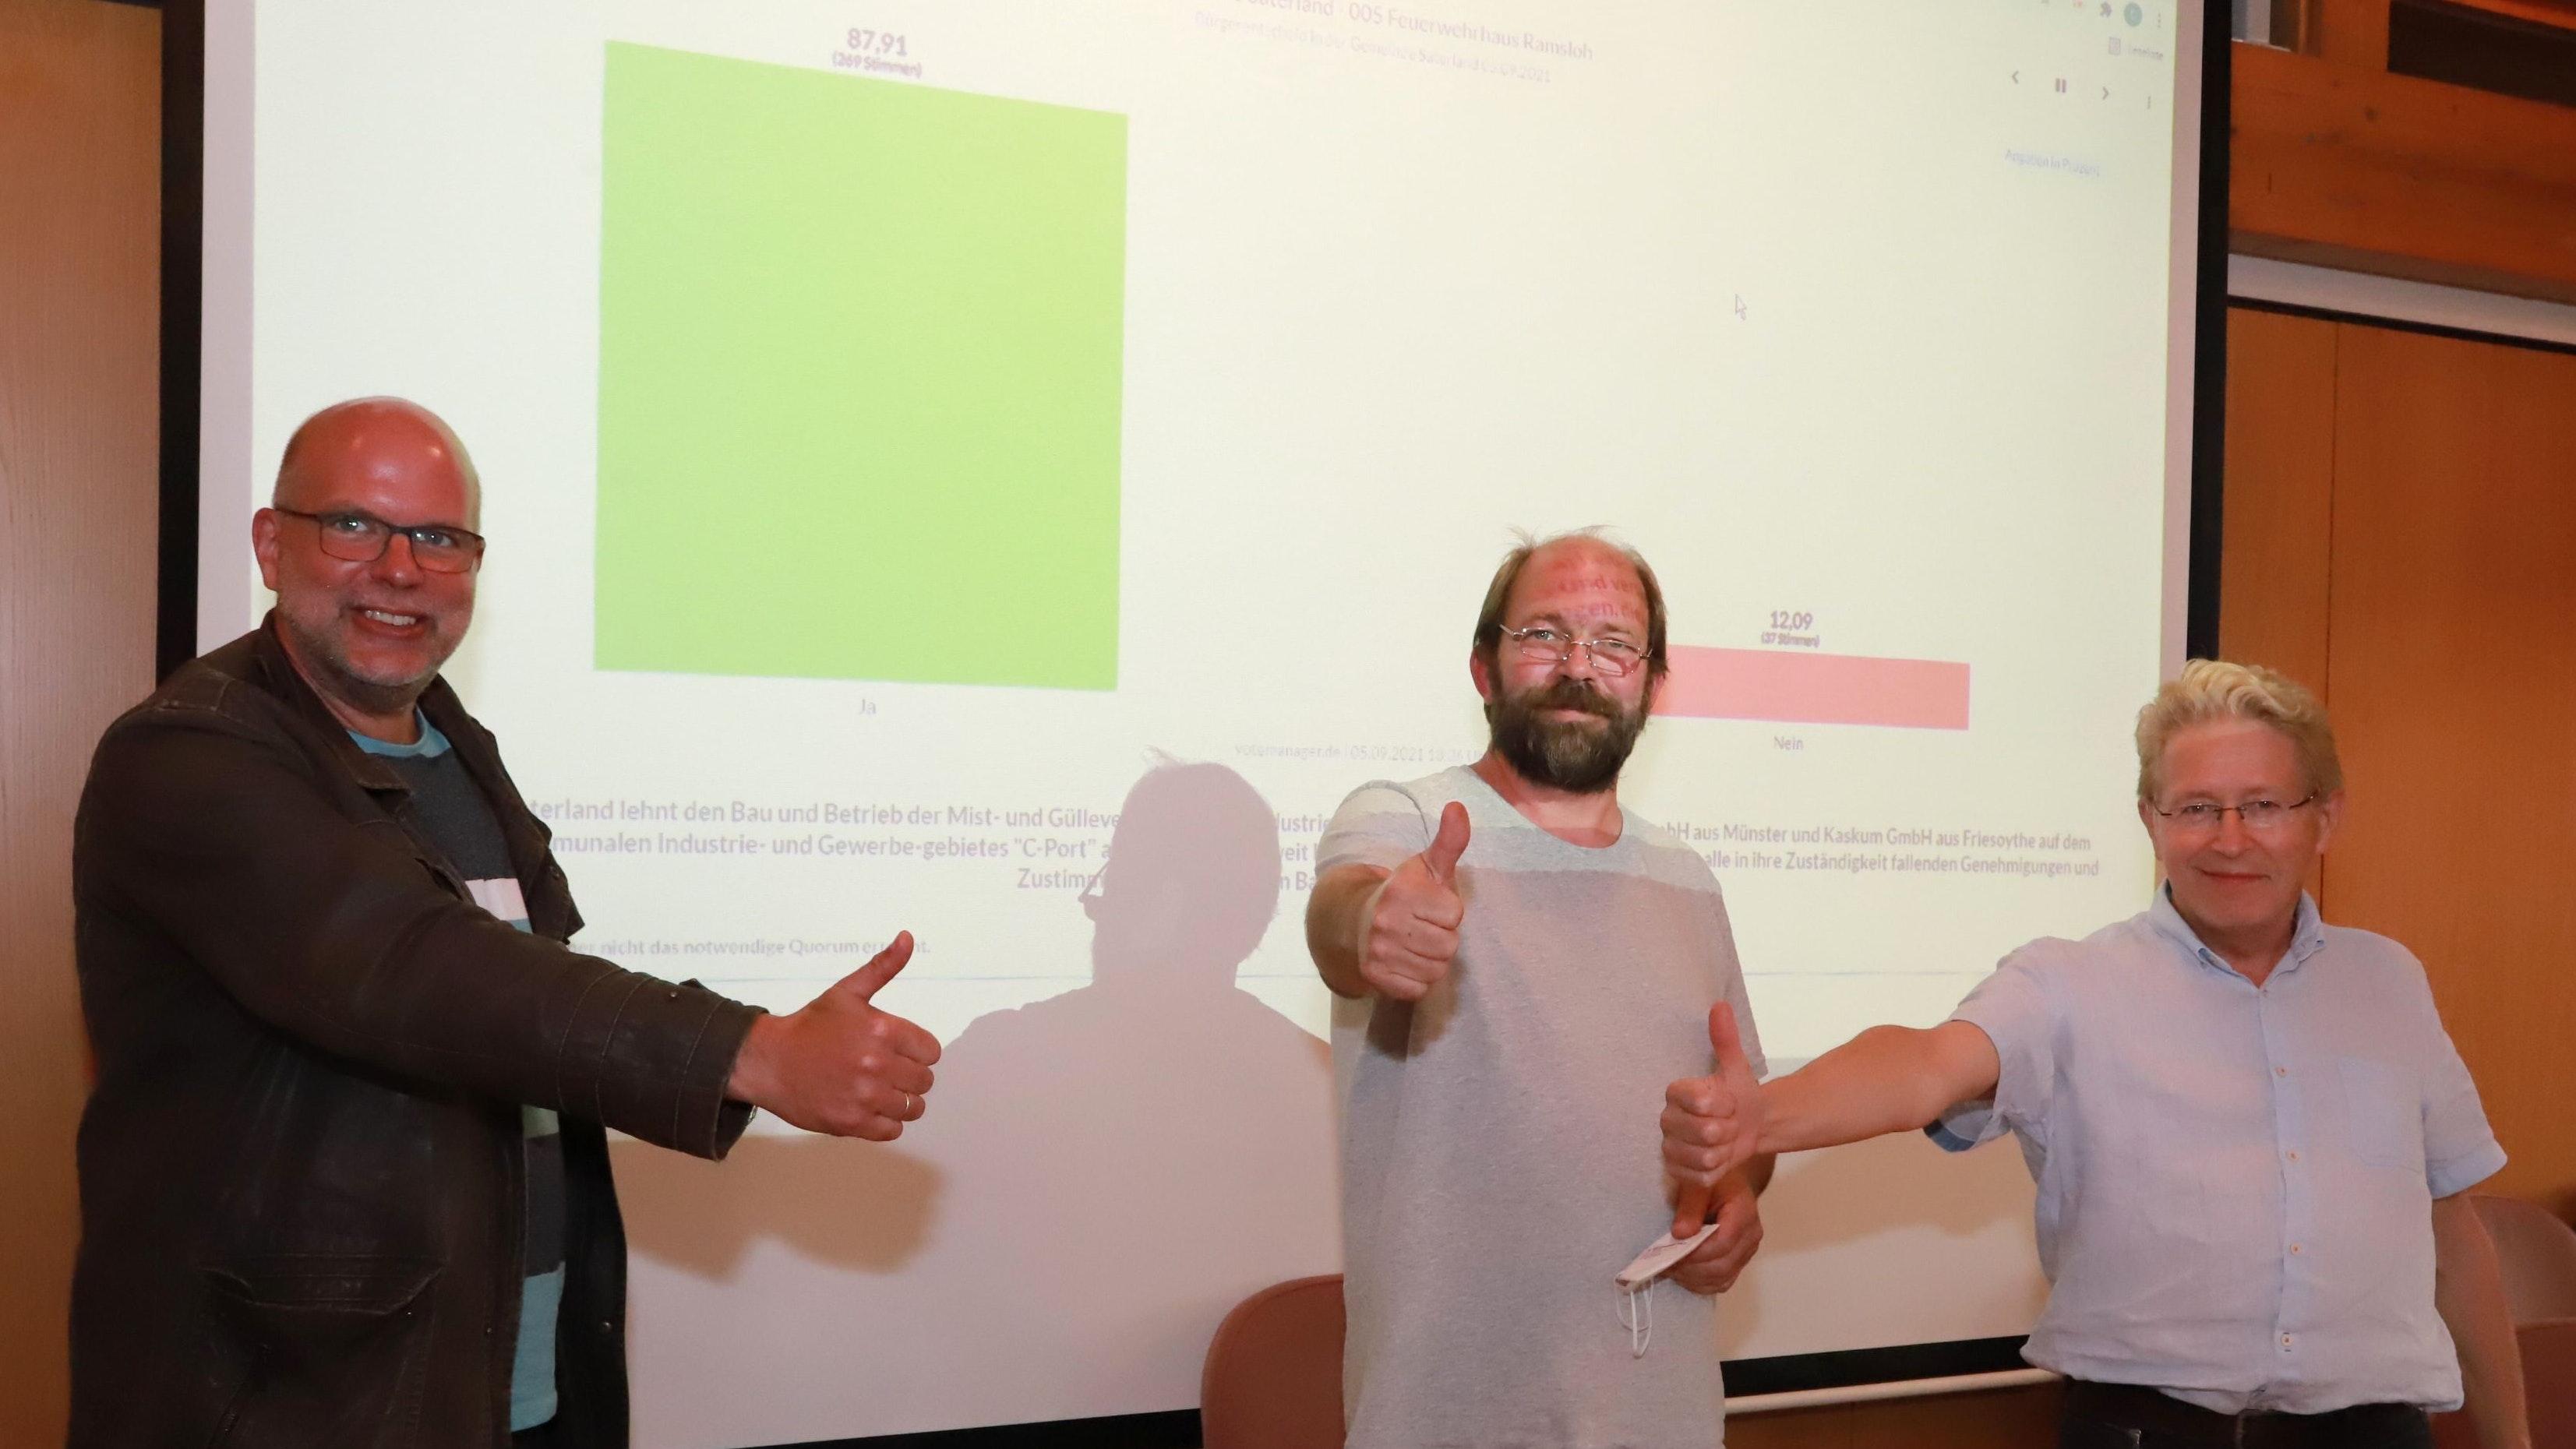 Dauemen hoch: Die Initiatoren des Bürgerentscheids (von links)Thomas Bickschlag, Carsten Ambacher und Walter Hußmann freuen sich über das Ergebnis der Abstimmung. Foto: Passmann